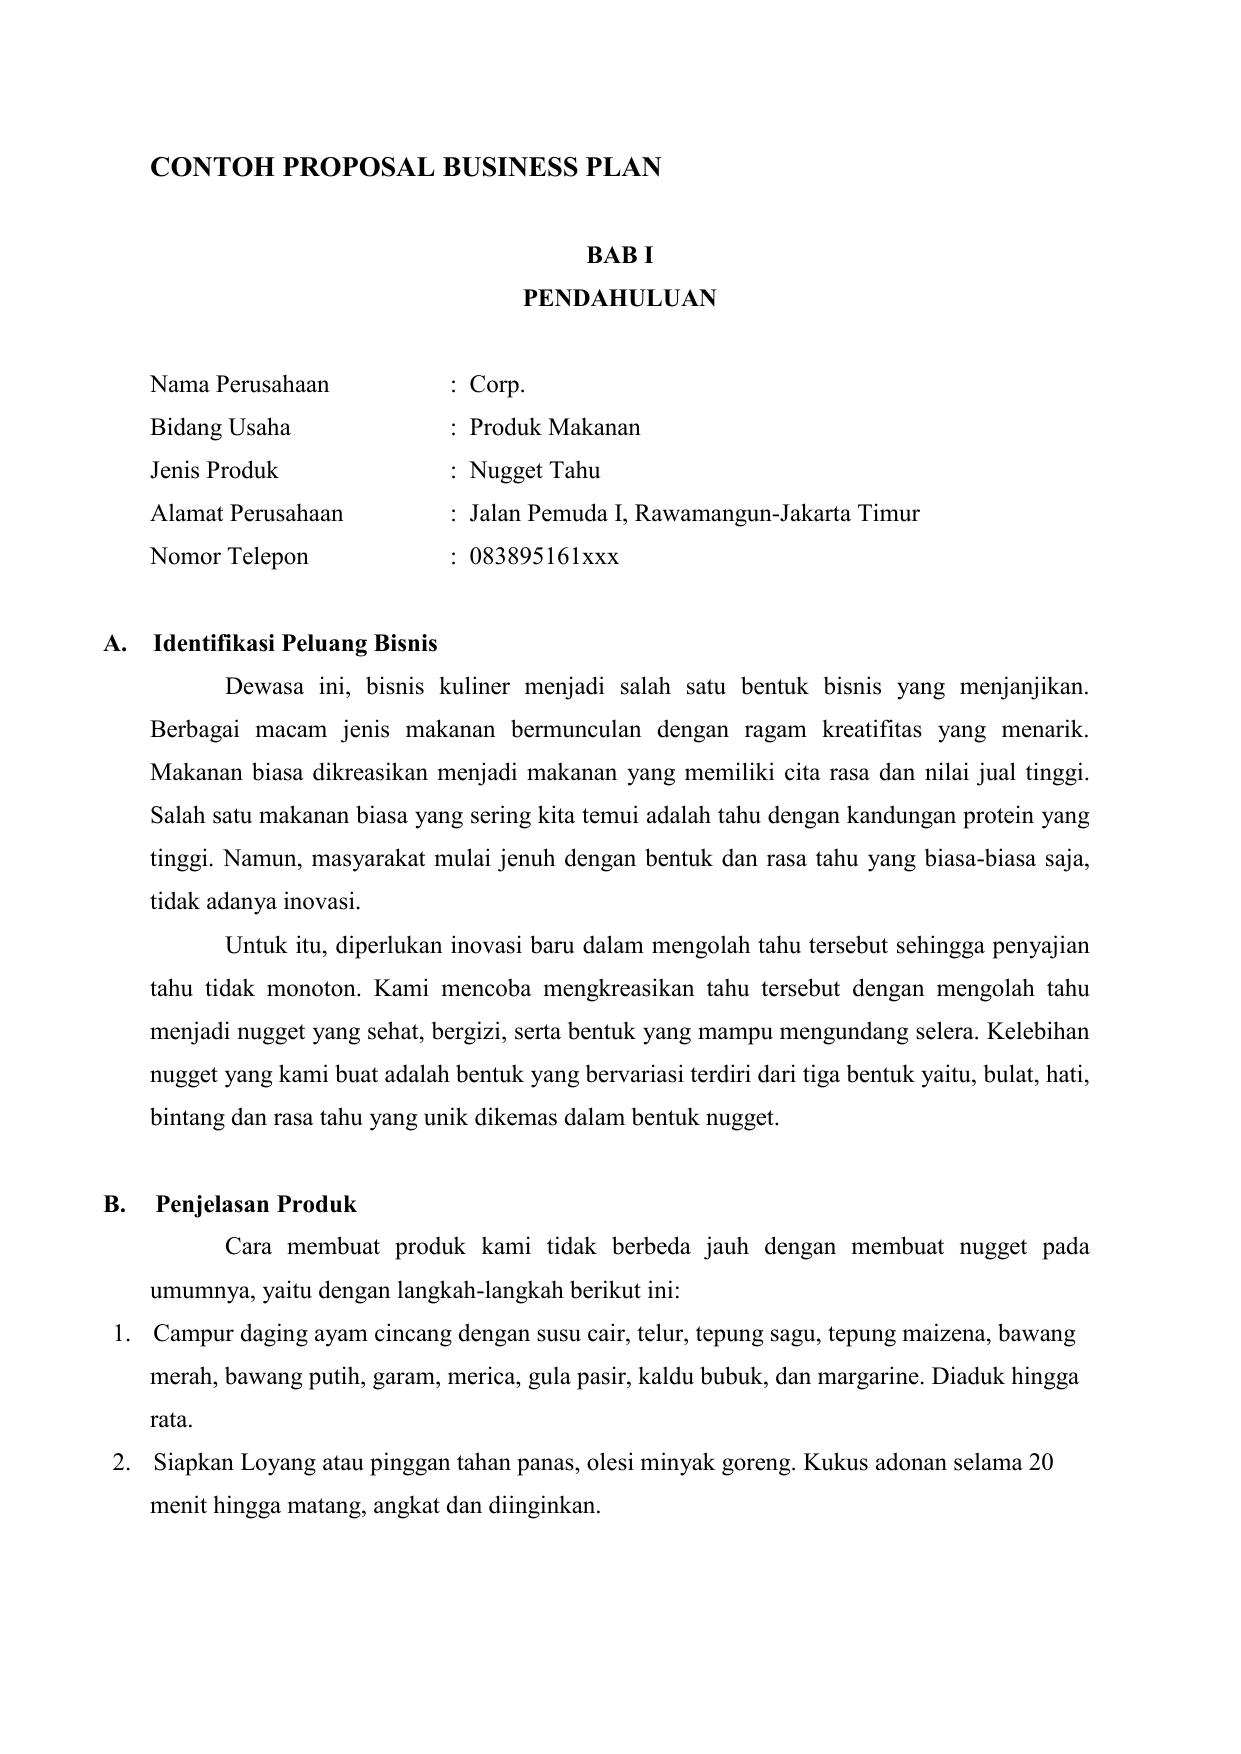 Contoh Proposal Usaha Keripik Pisang Pdf - Extra